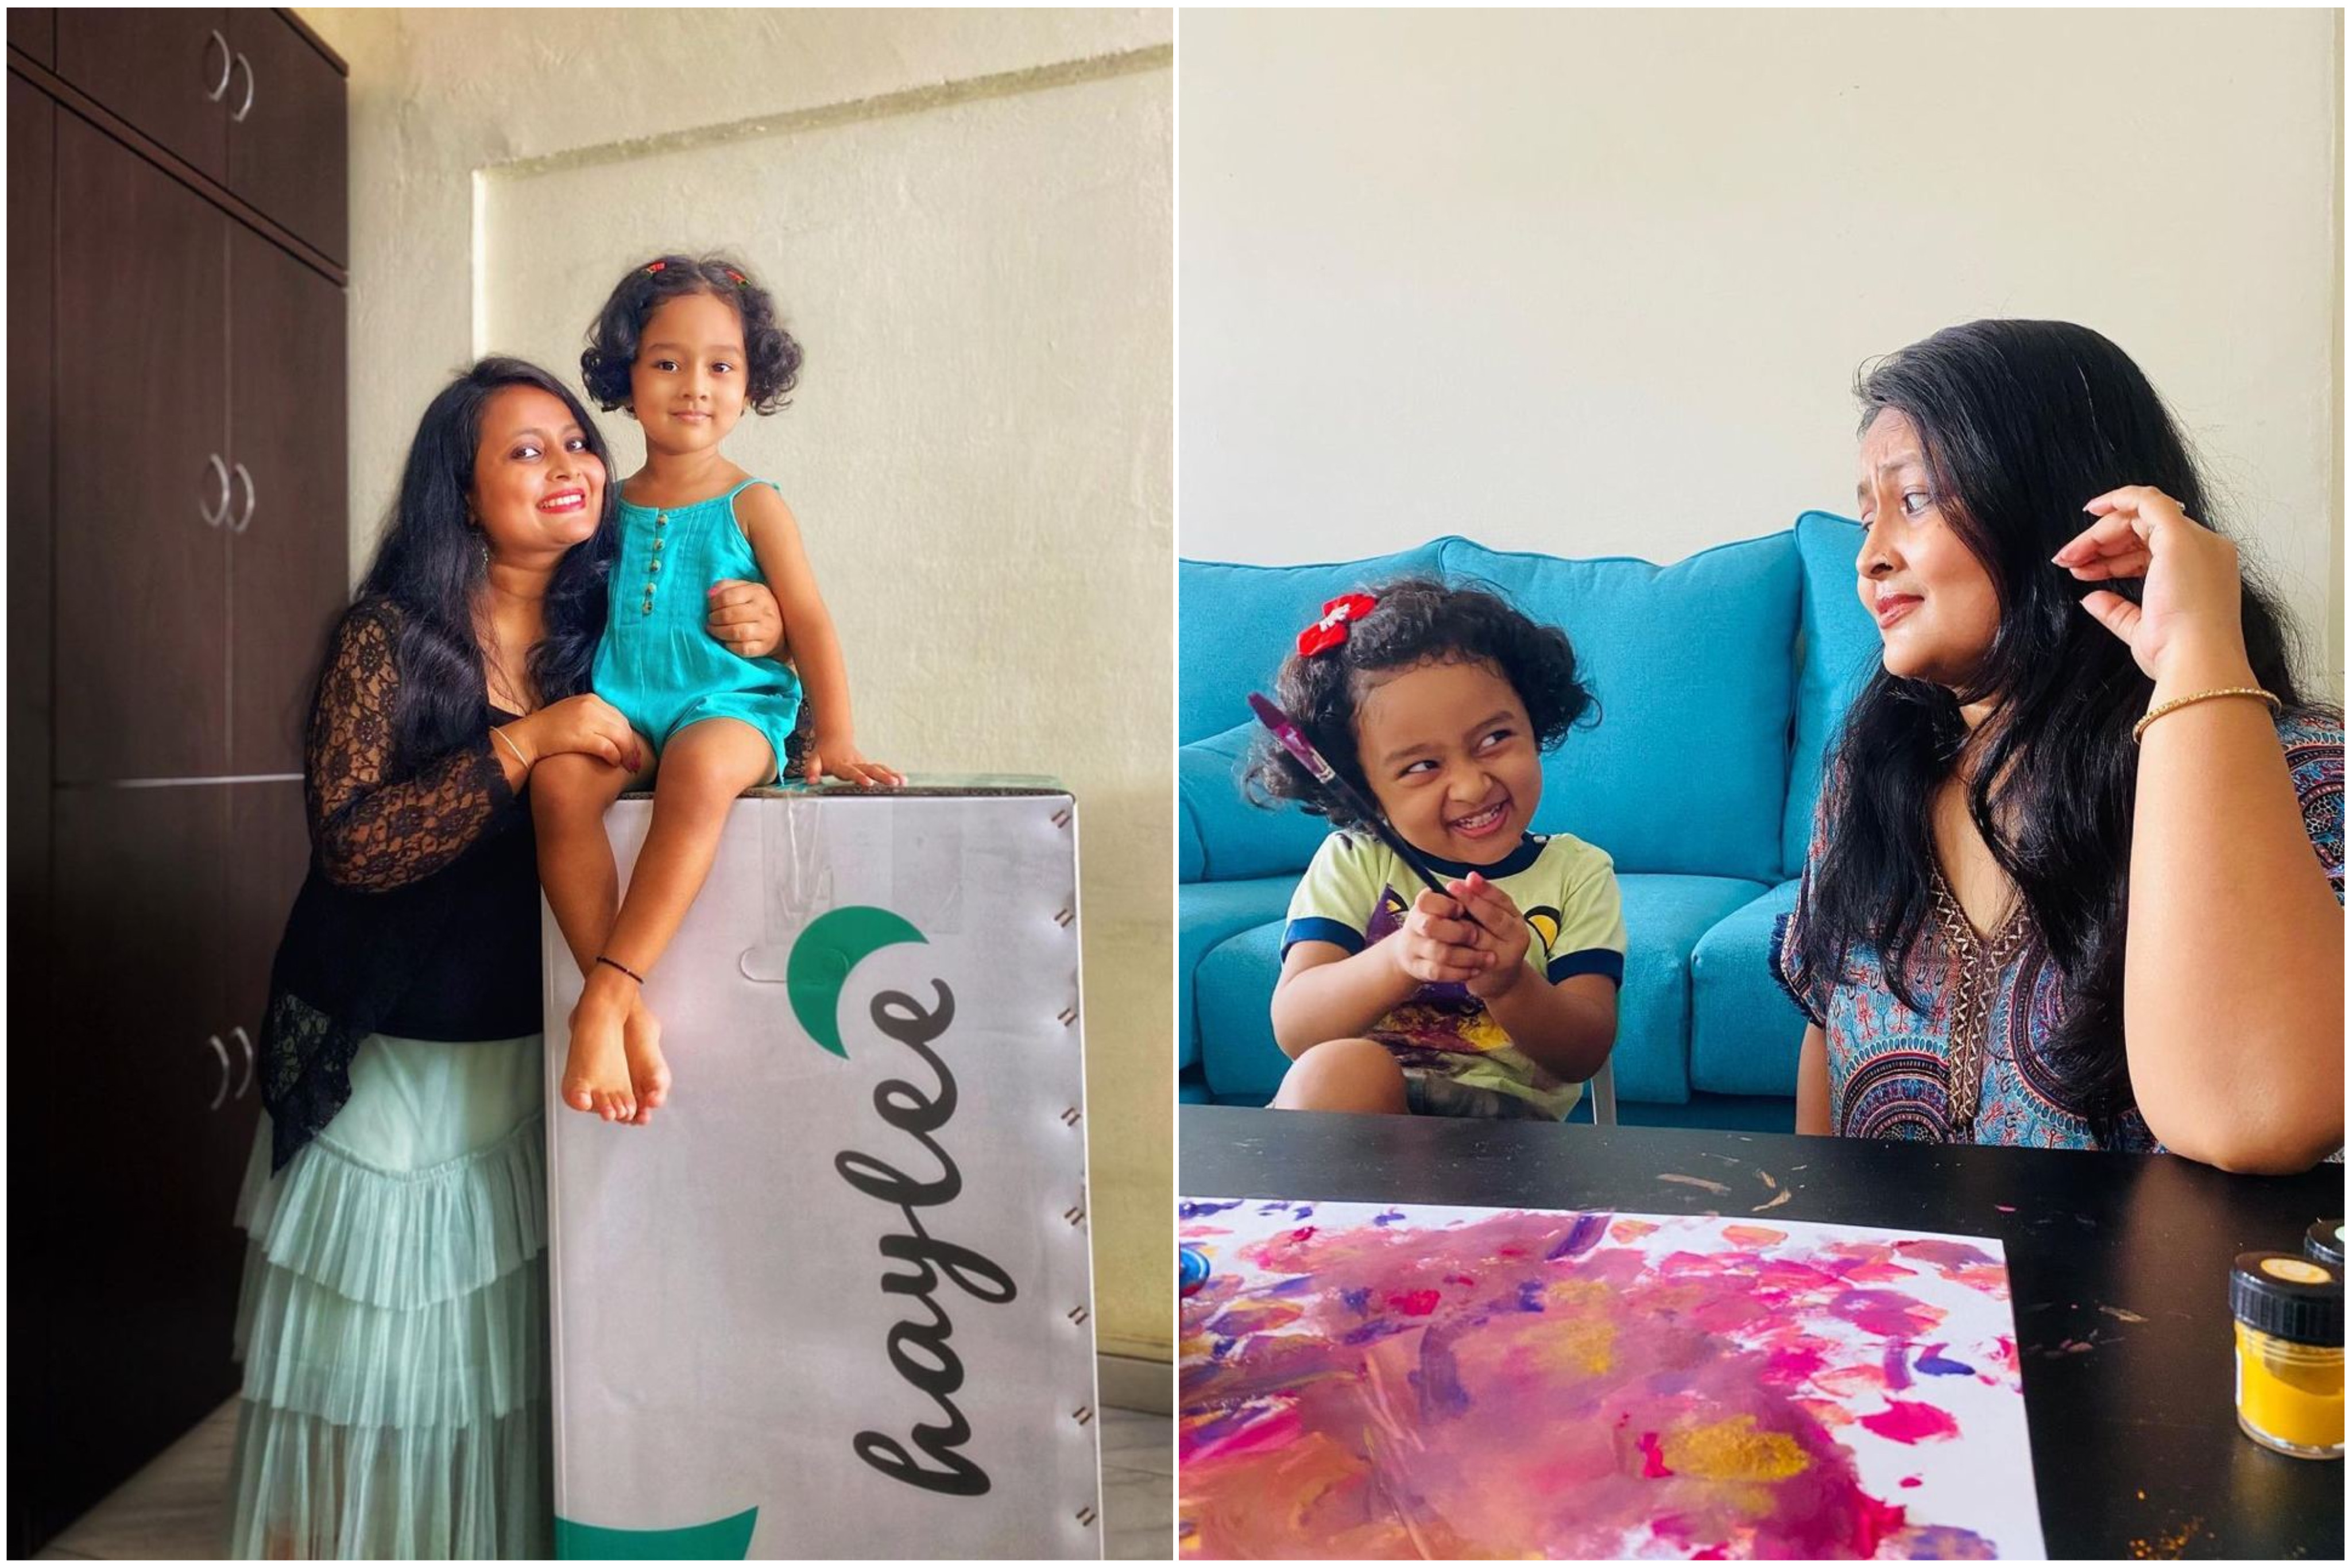 Mother's Day 2021 - Namita and Samaira